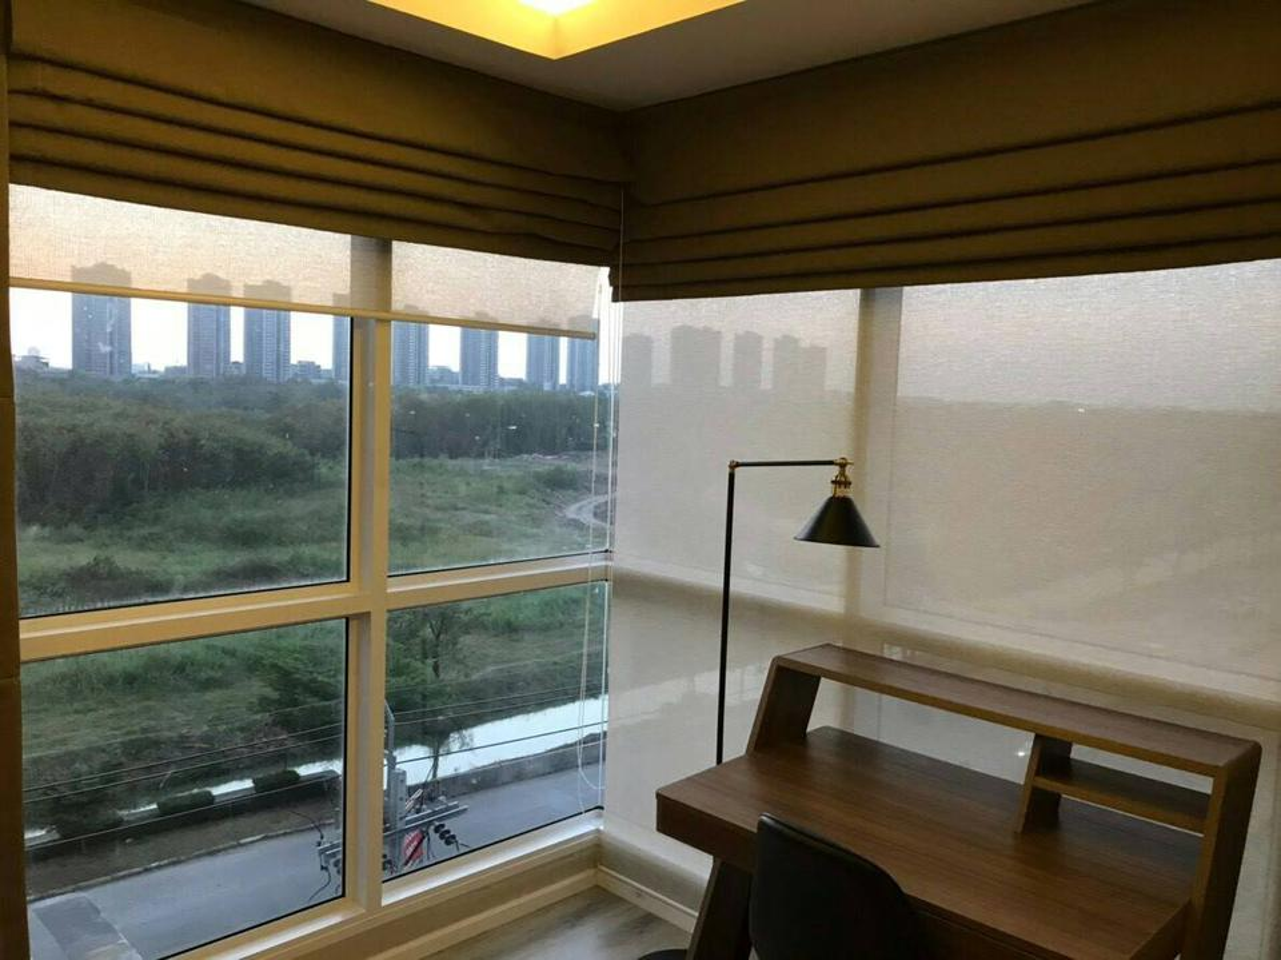 ขายห้องสวย ราคาโดน คอนโด ดับเบิ้ลเลค เฟส 1  รูปที่ 5